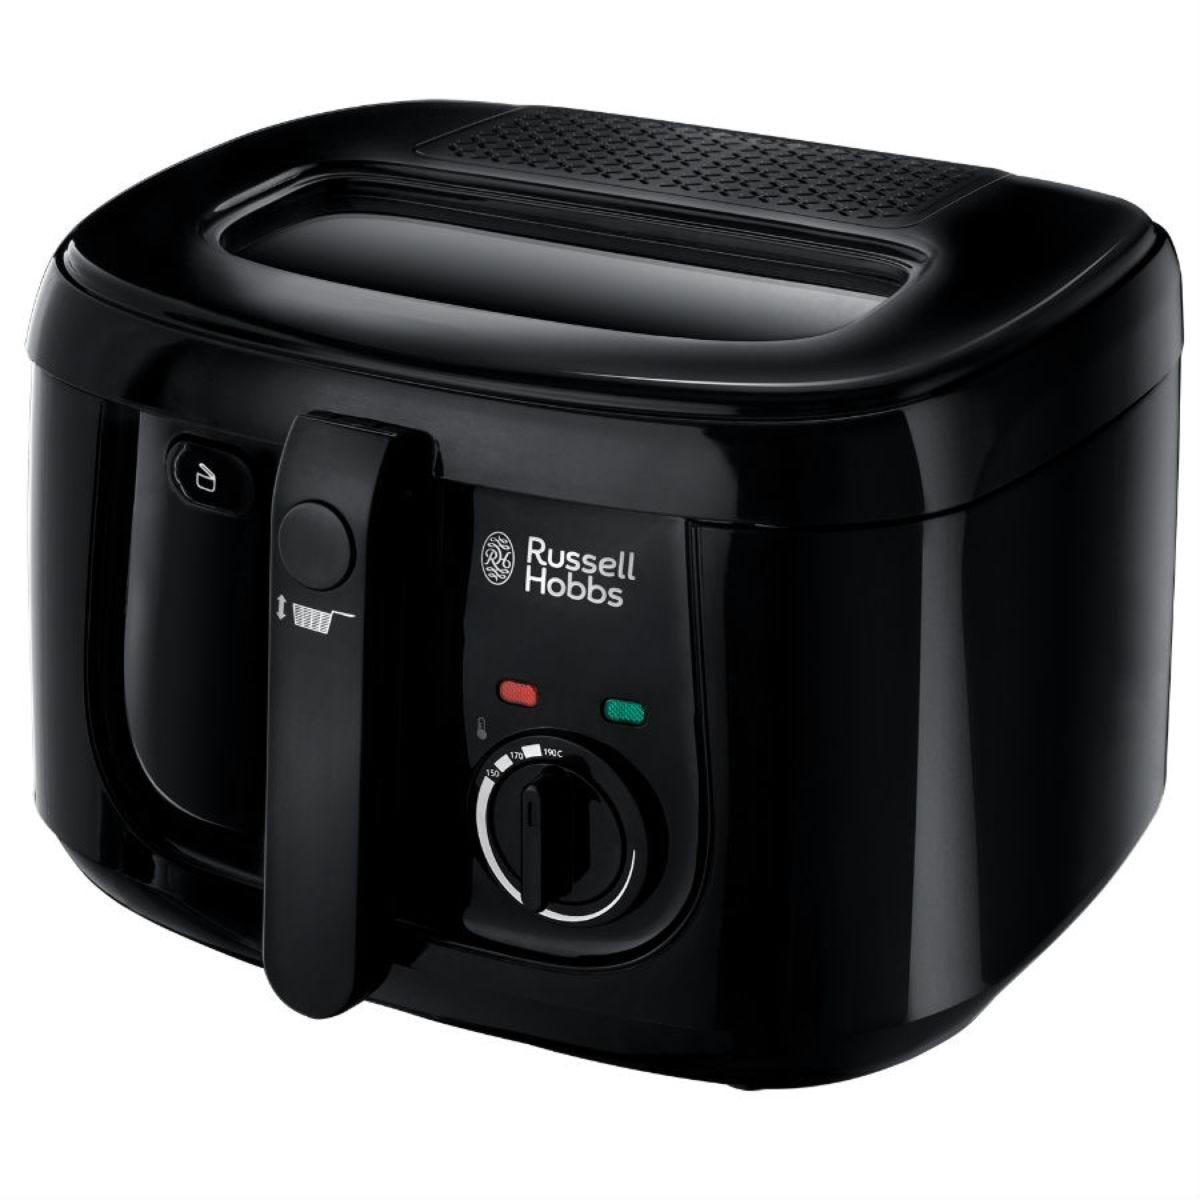 Russell Hobbs 24570 2.5L Deep Maxi Fryer - Black